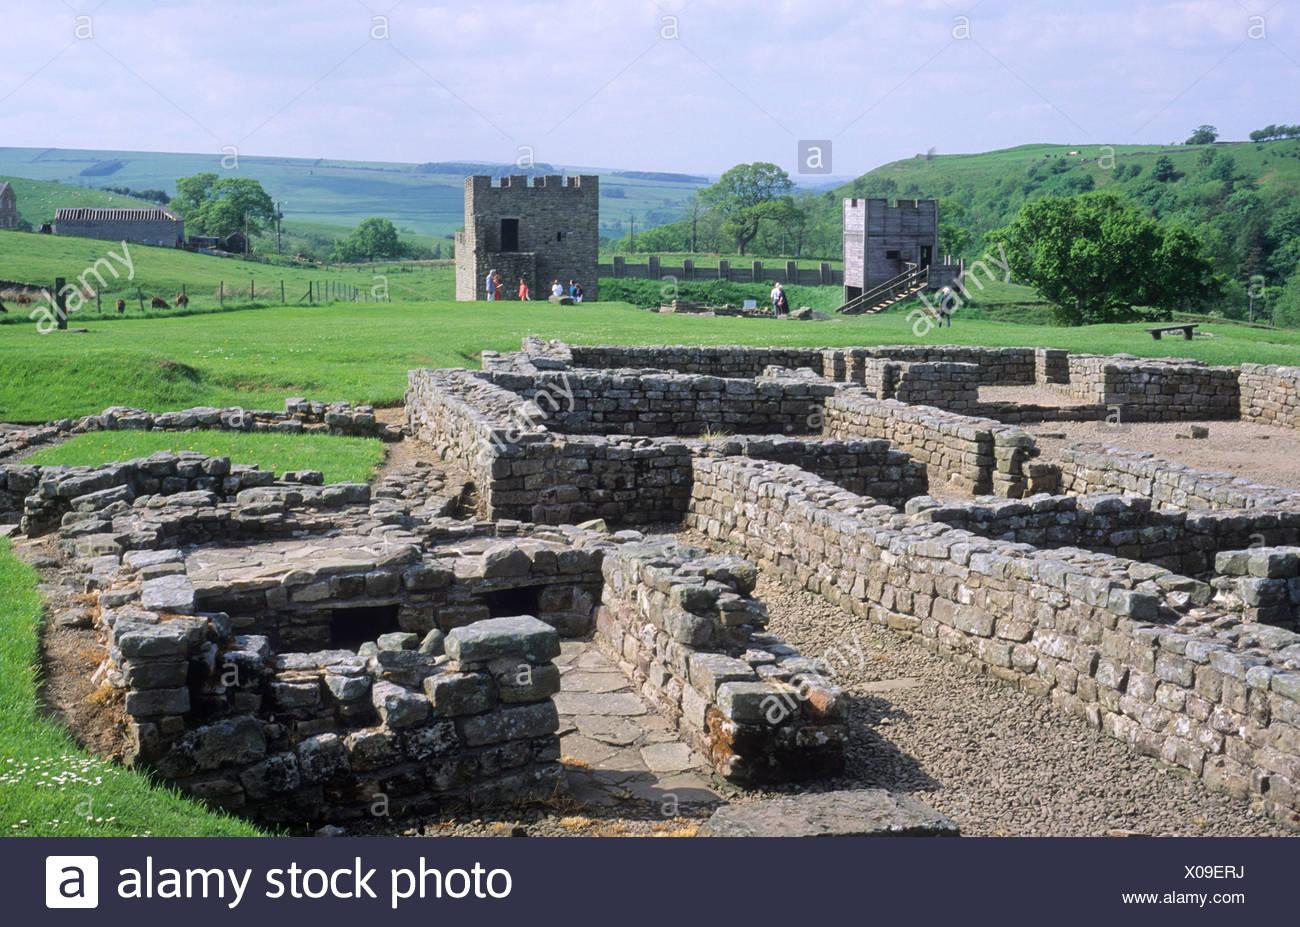 6e0062f4eefc4 Vindolanda sito archeologico romano Northumberland parete di Adriano  inglese archeologia ruderi pareti camp Inghilterra rovina la